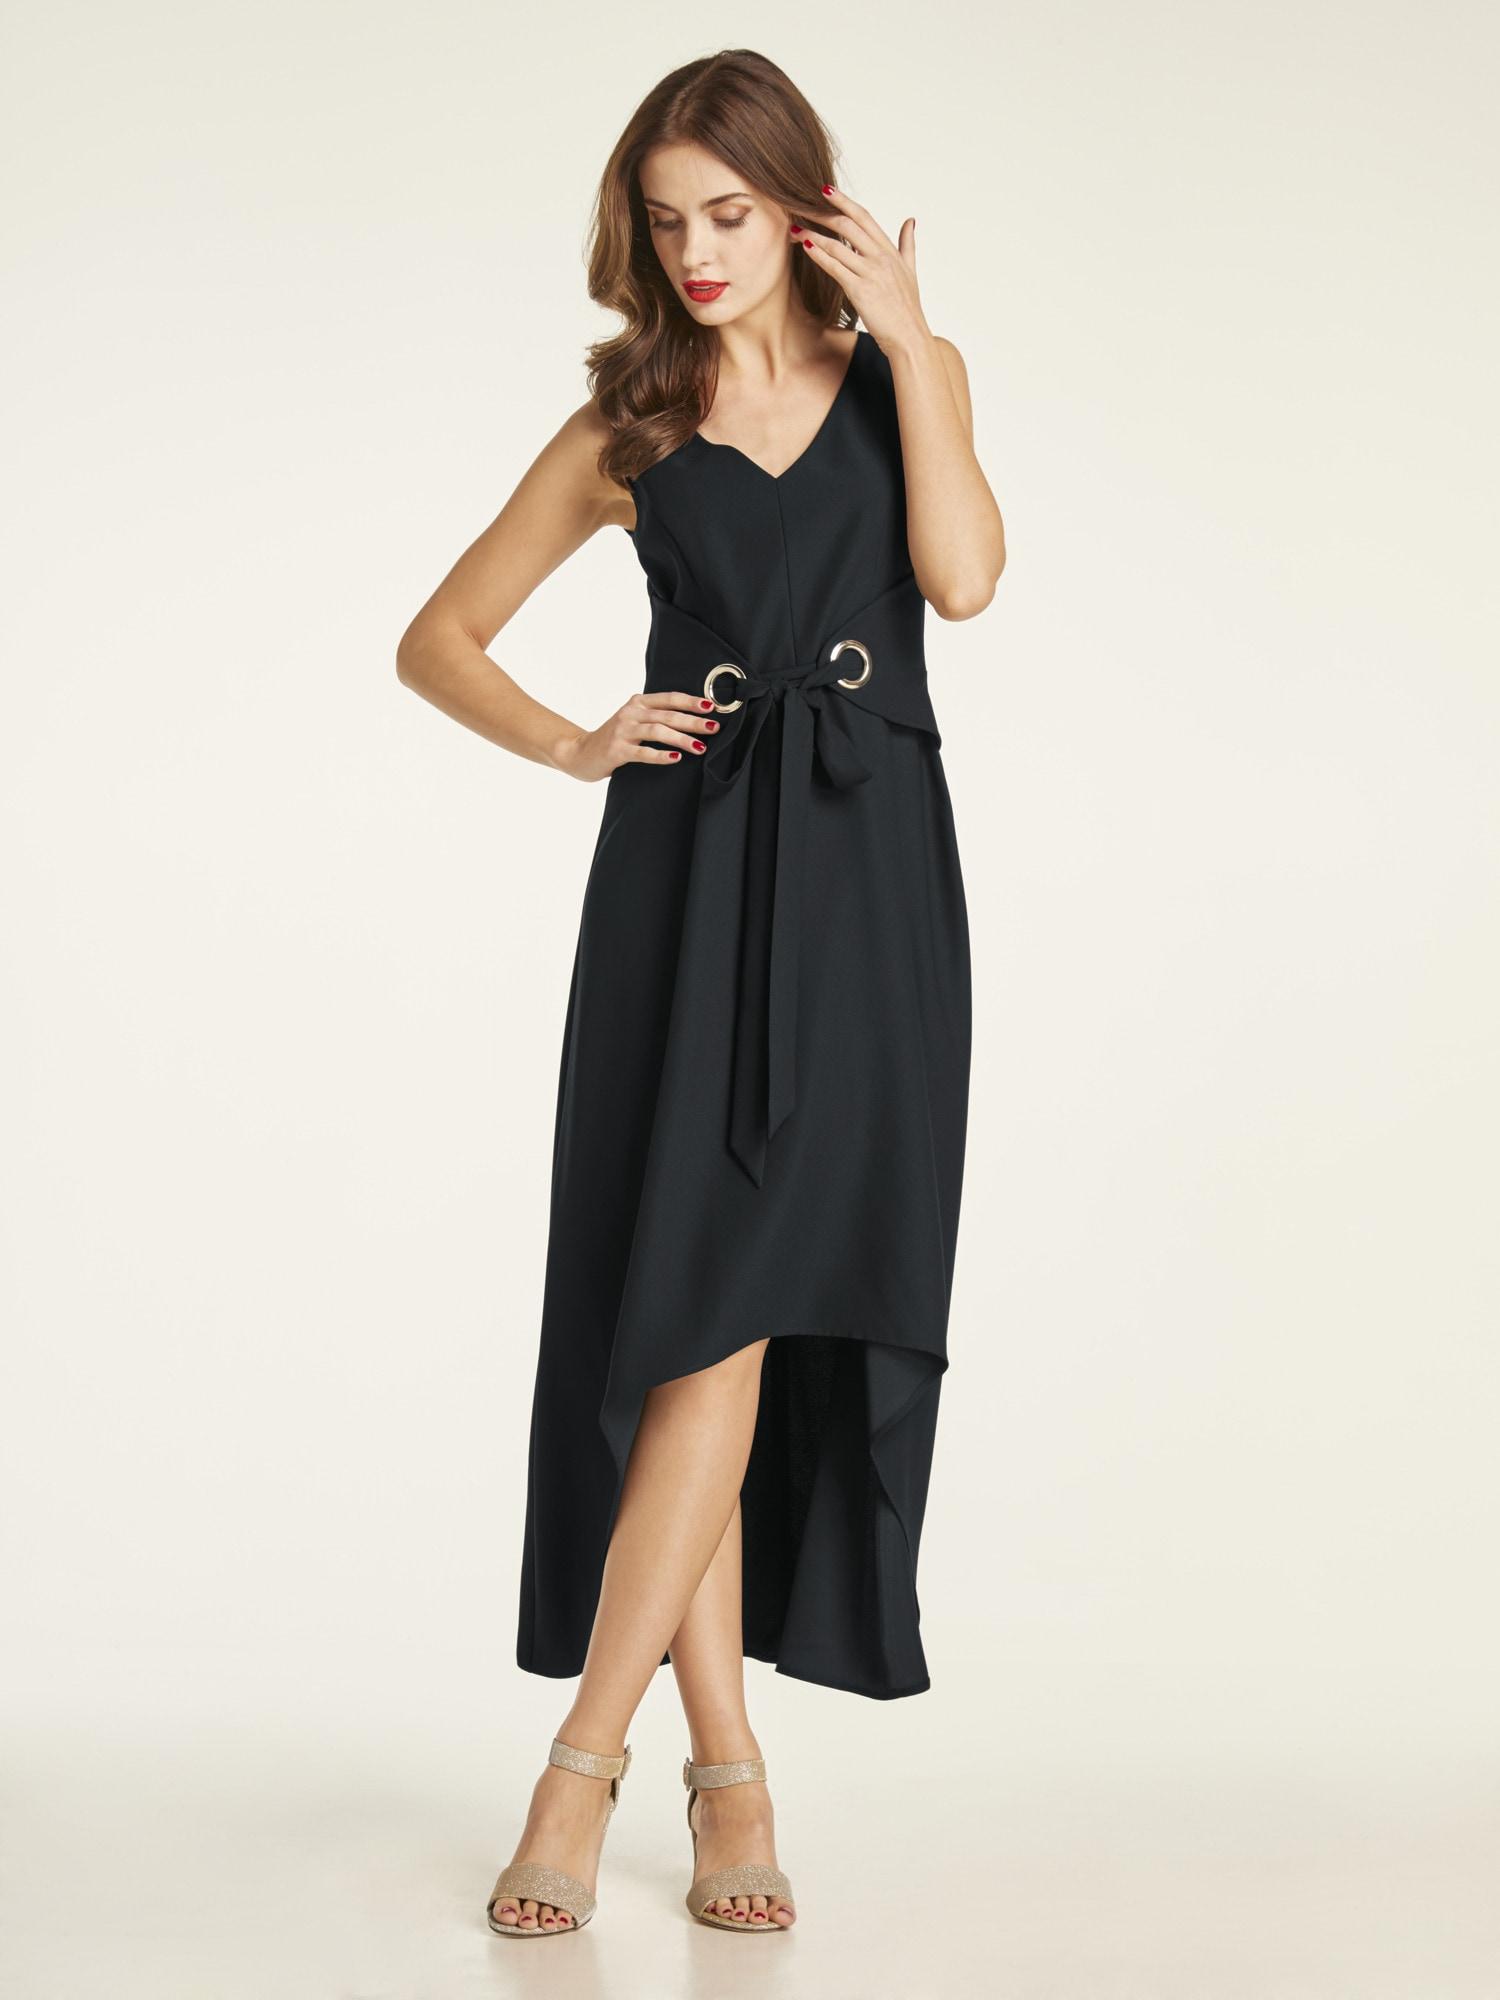 9ac54e4c5ad5 Abendkleid schwarz kurz - Rae van der pluym poehlmann